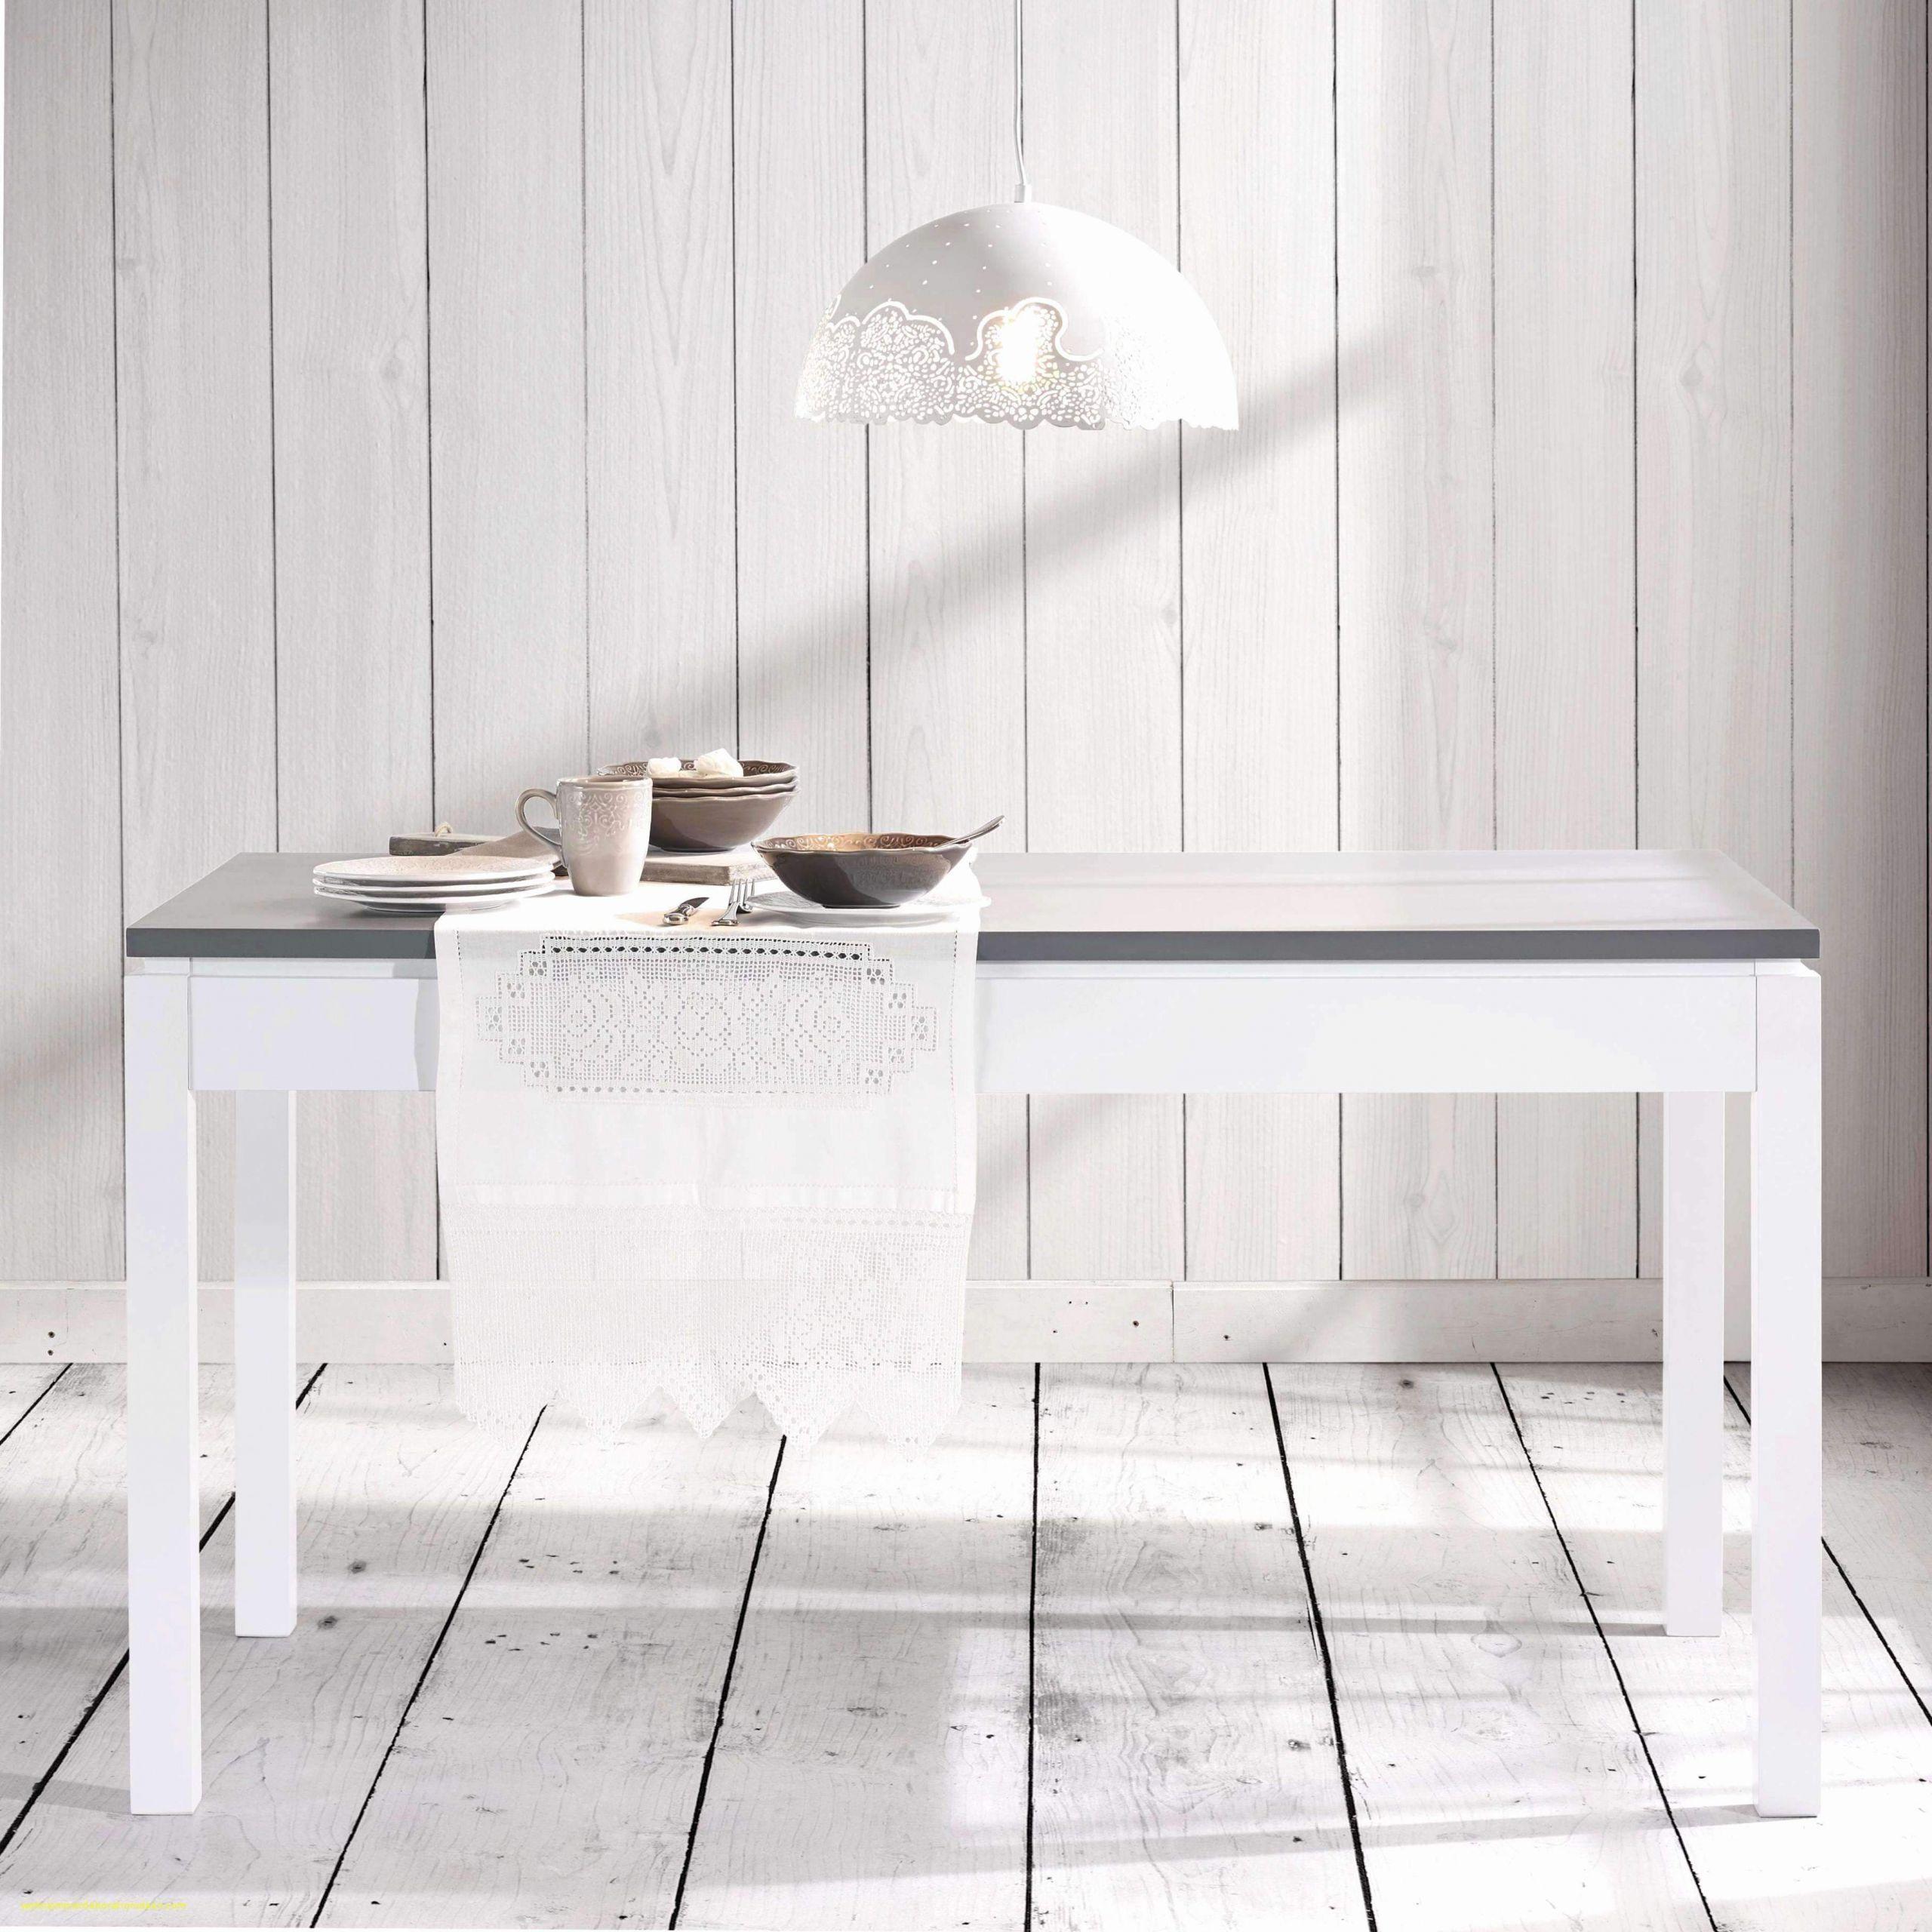 wohnzimmer ideen fur kleine raume schon wohnzimmer pflanze gros luxus 42 schon baume als sichtschutz of wohnzimmer ideen fur kleine raume